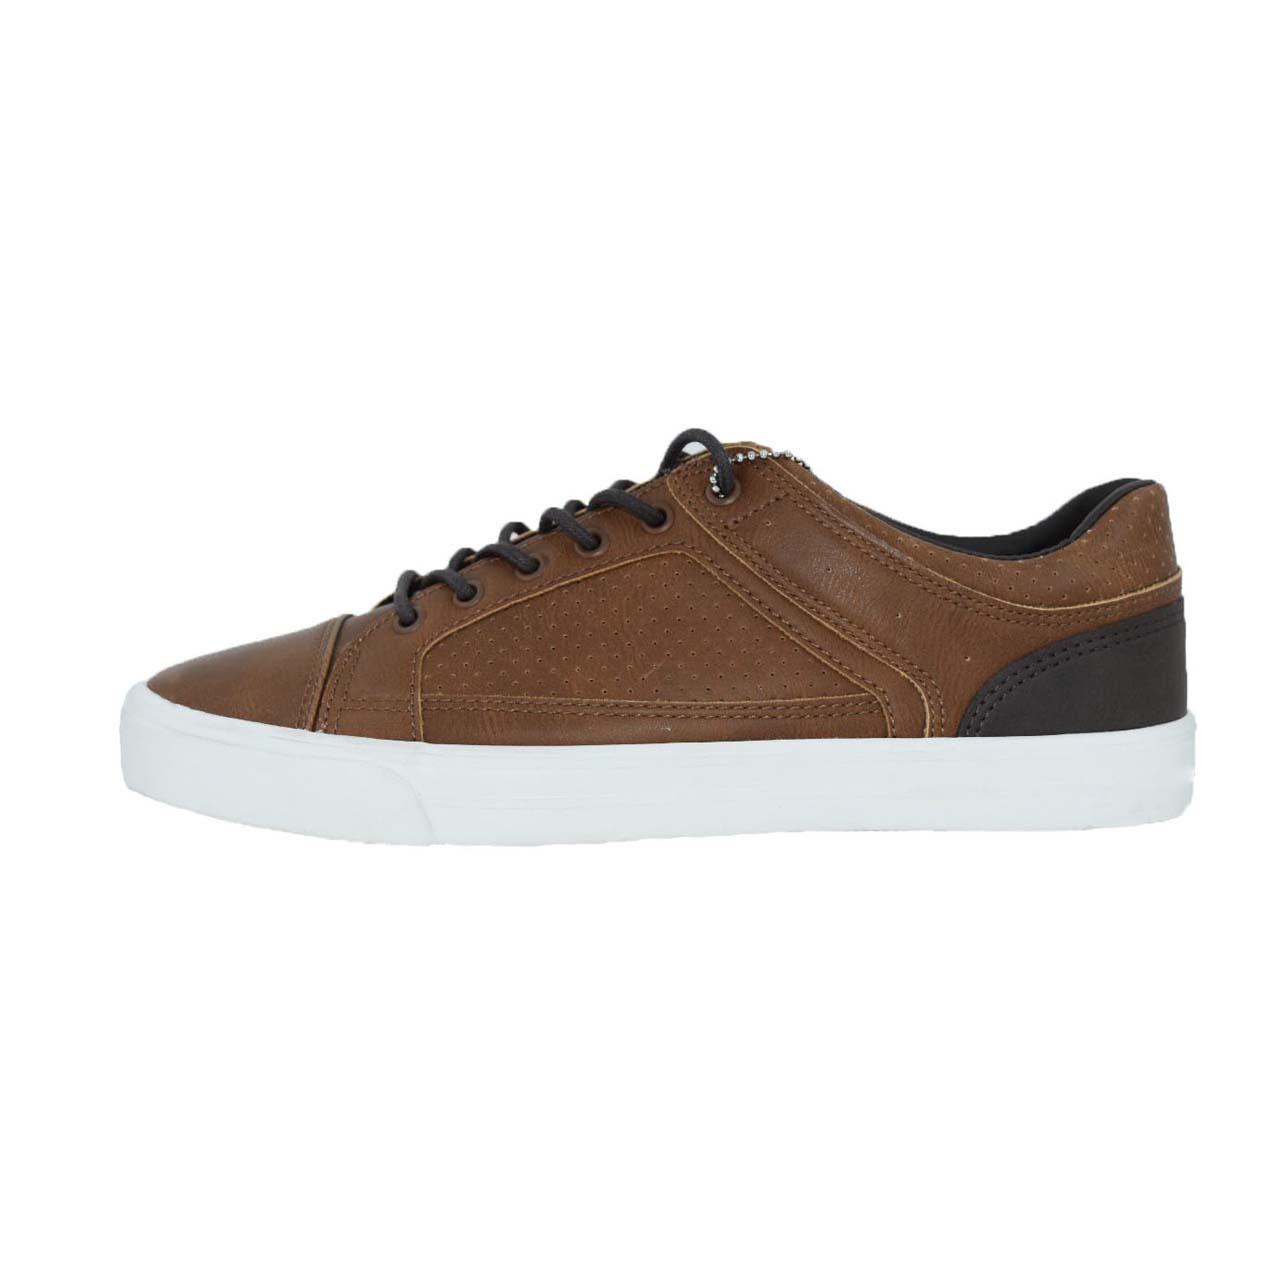 کفش راحتی مردانه پول اند بیر مدل 001